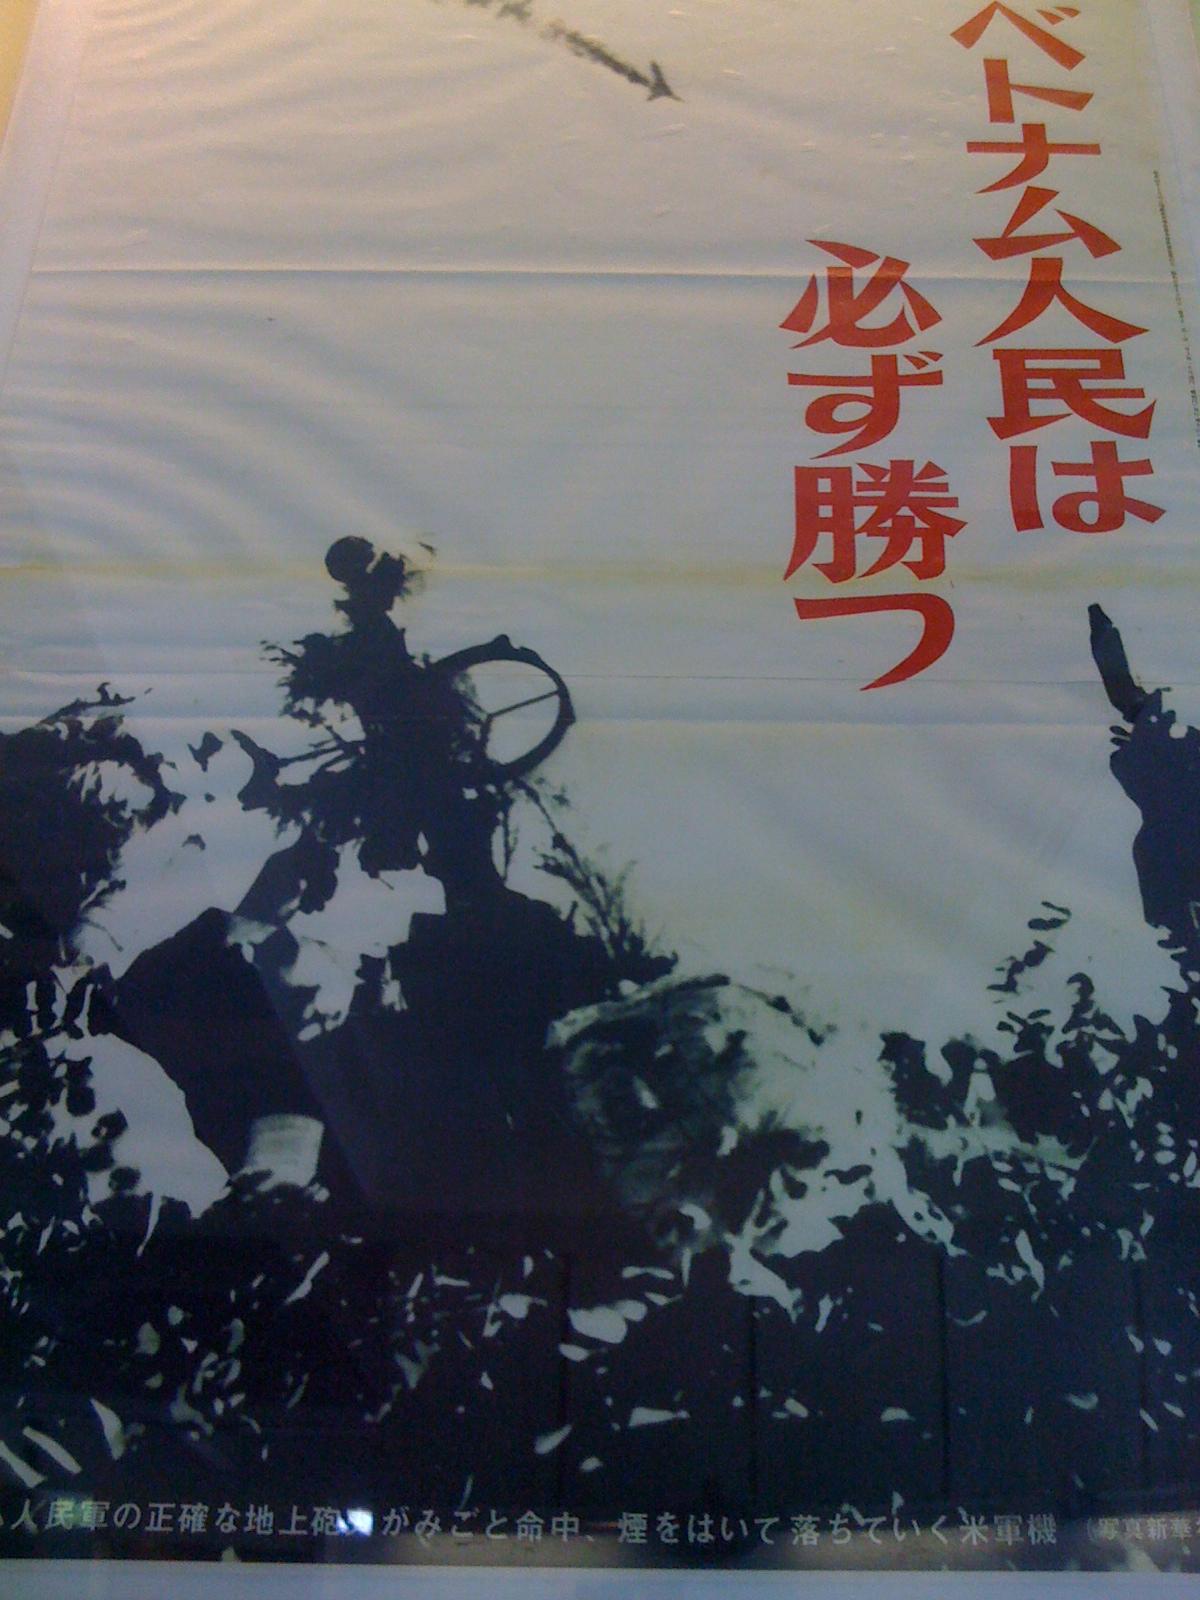 ダークツアリズムの象徴・戦争証跡博物館